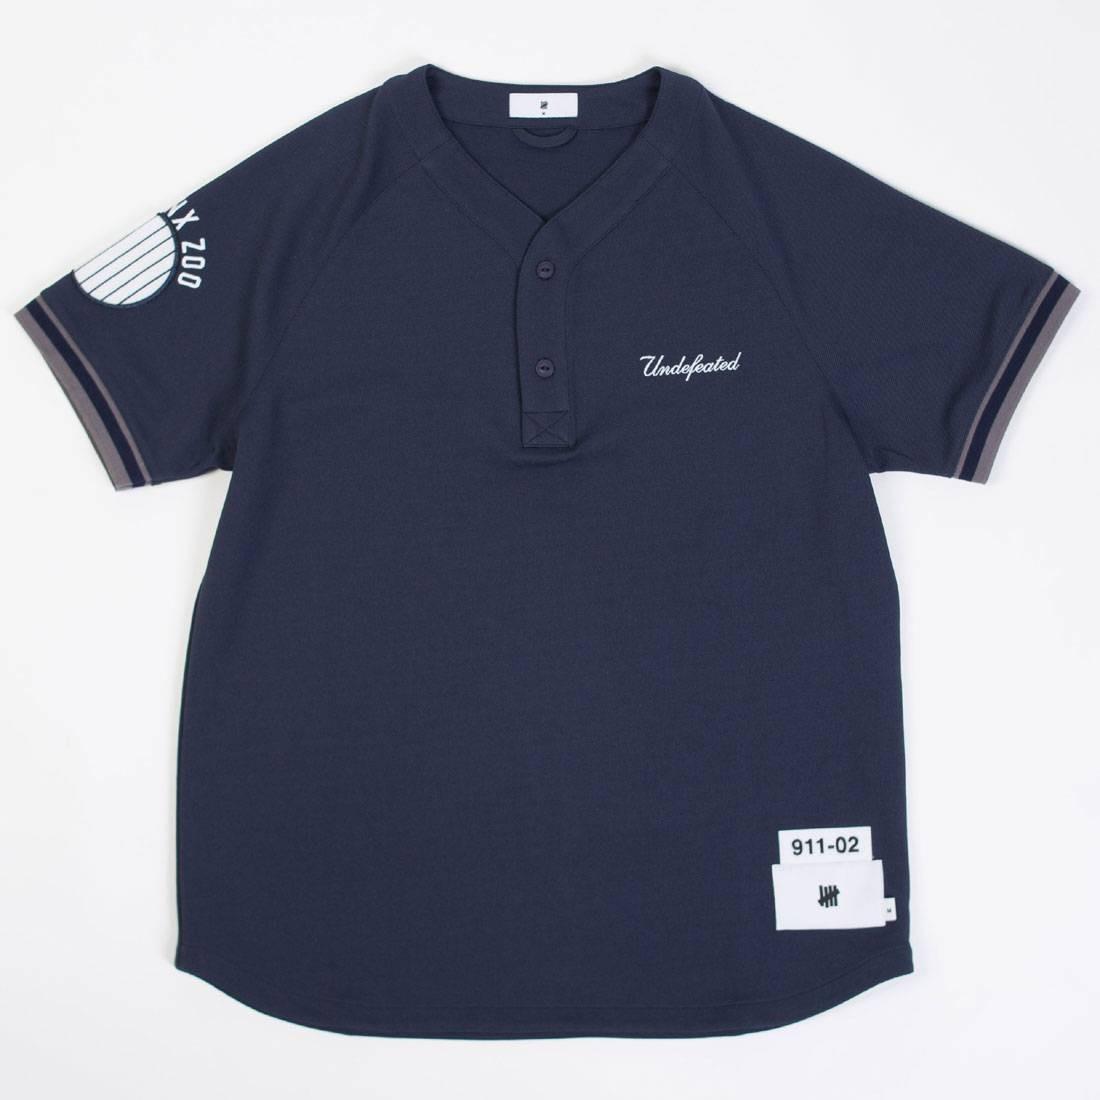 【スーパーセール中! 6/11深夜2時迄】UNDEFEATED ジャージ メンズファッション トップス Tシャツ カットソー メンズ 【 Men Bronx Zoo Jersey (navy / Dark) 】 Navy / Dark